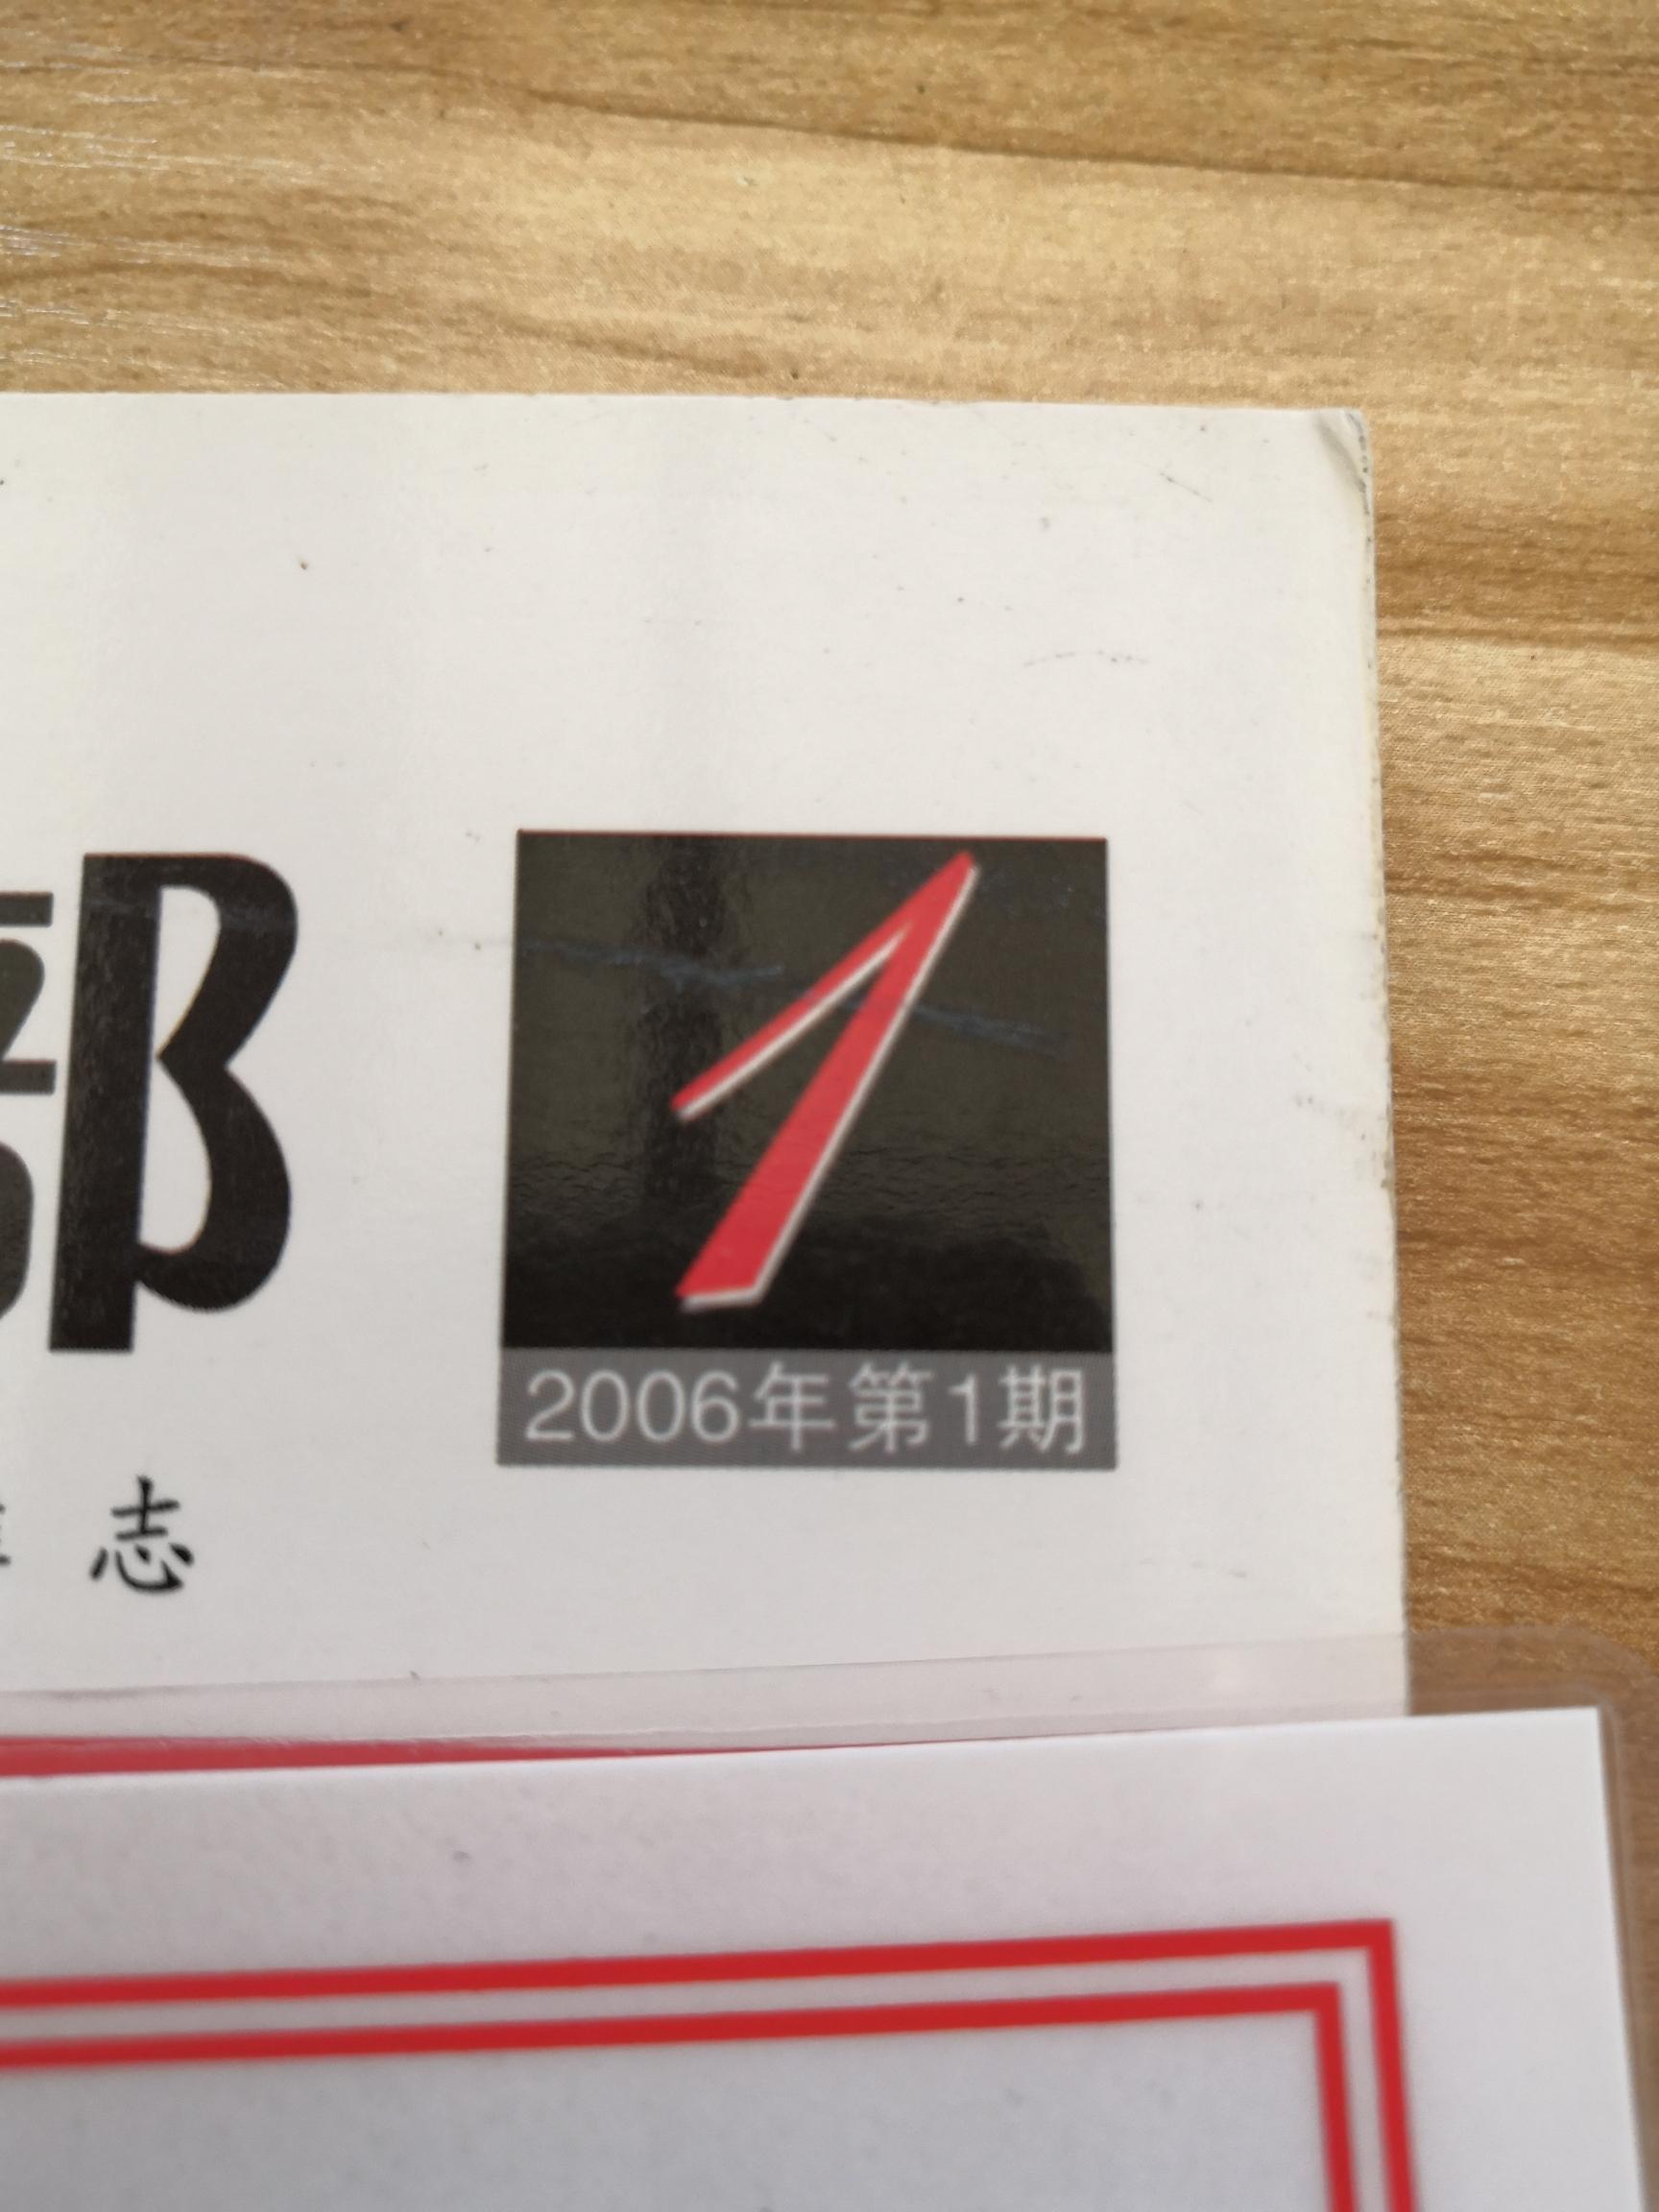 中锦创刊号第一期 大庆龙鱼论坛 大庆龙鱼第3张